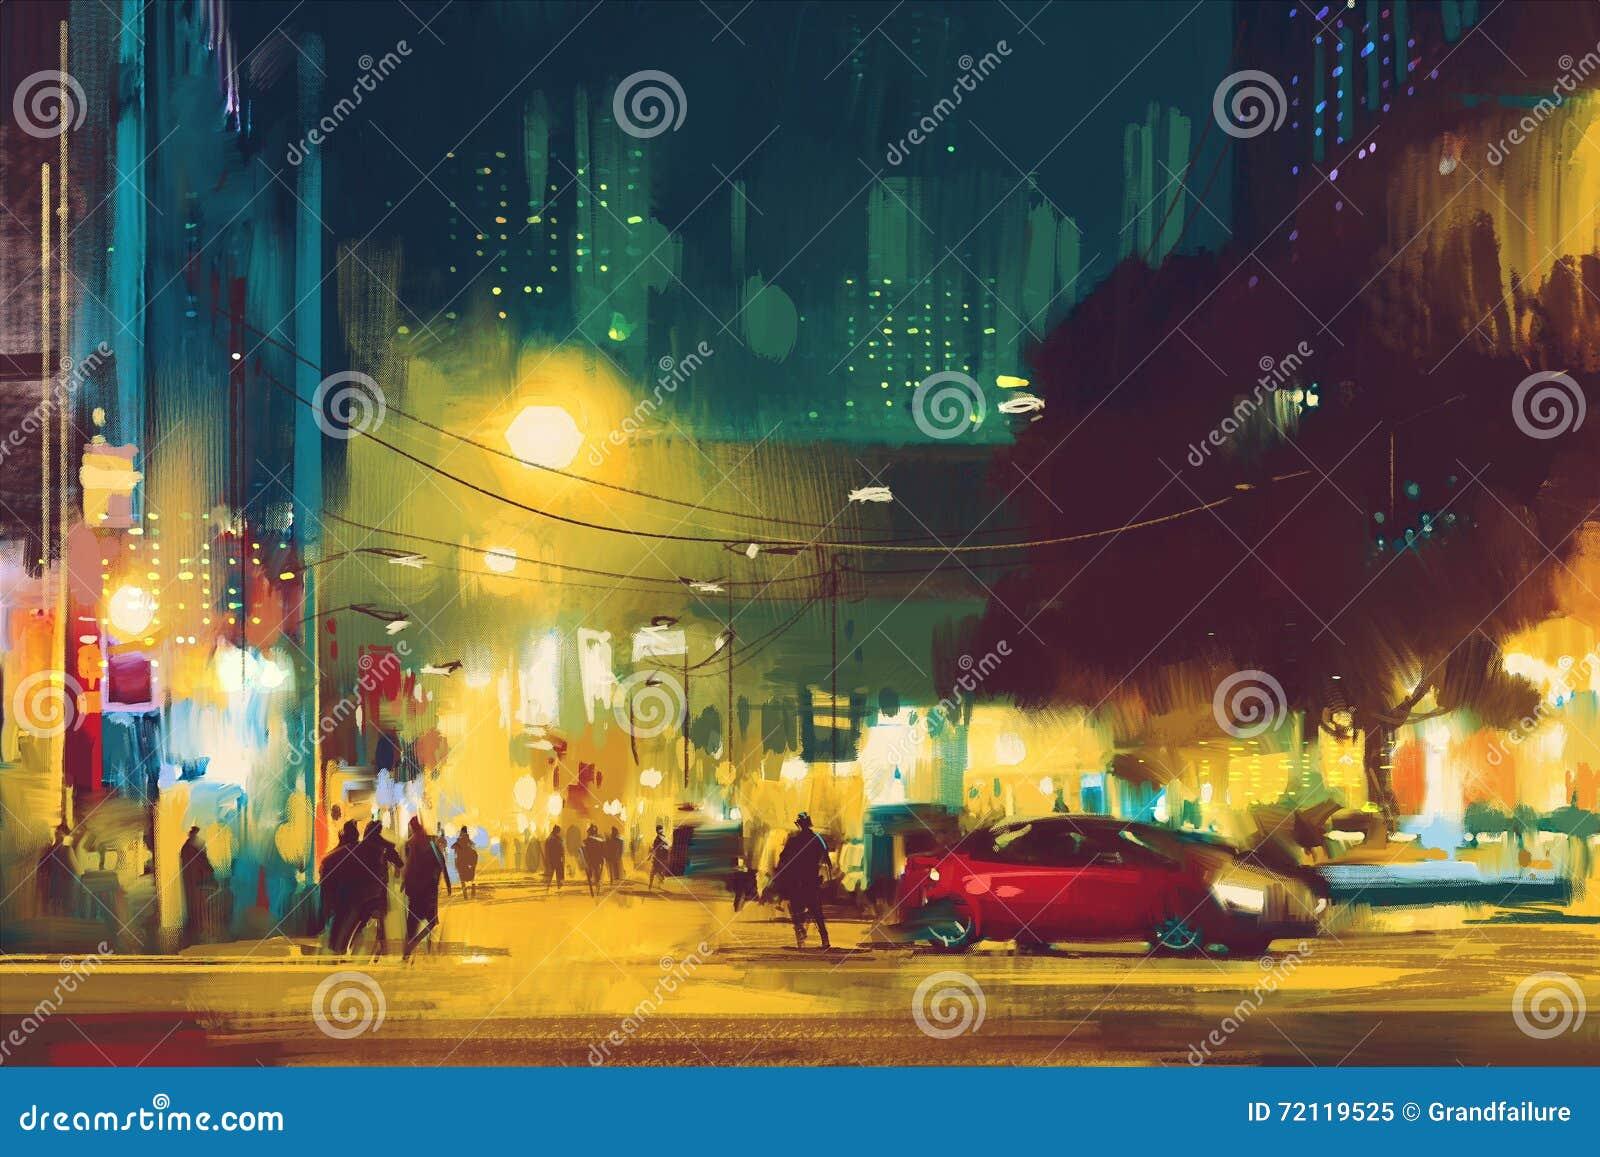 Nachtszene von Stadtbild mit Beleuchtung